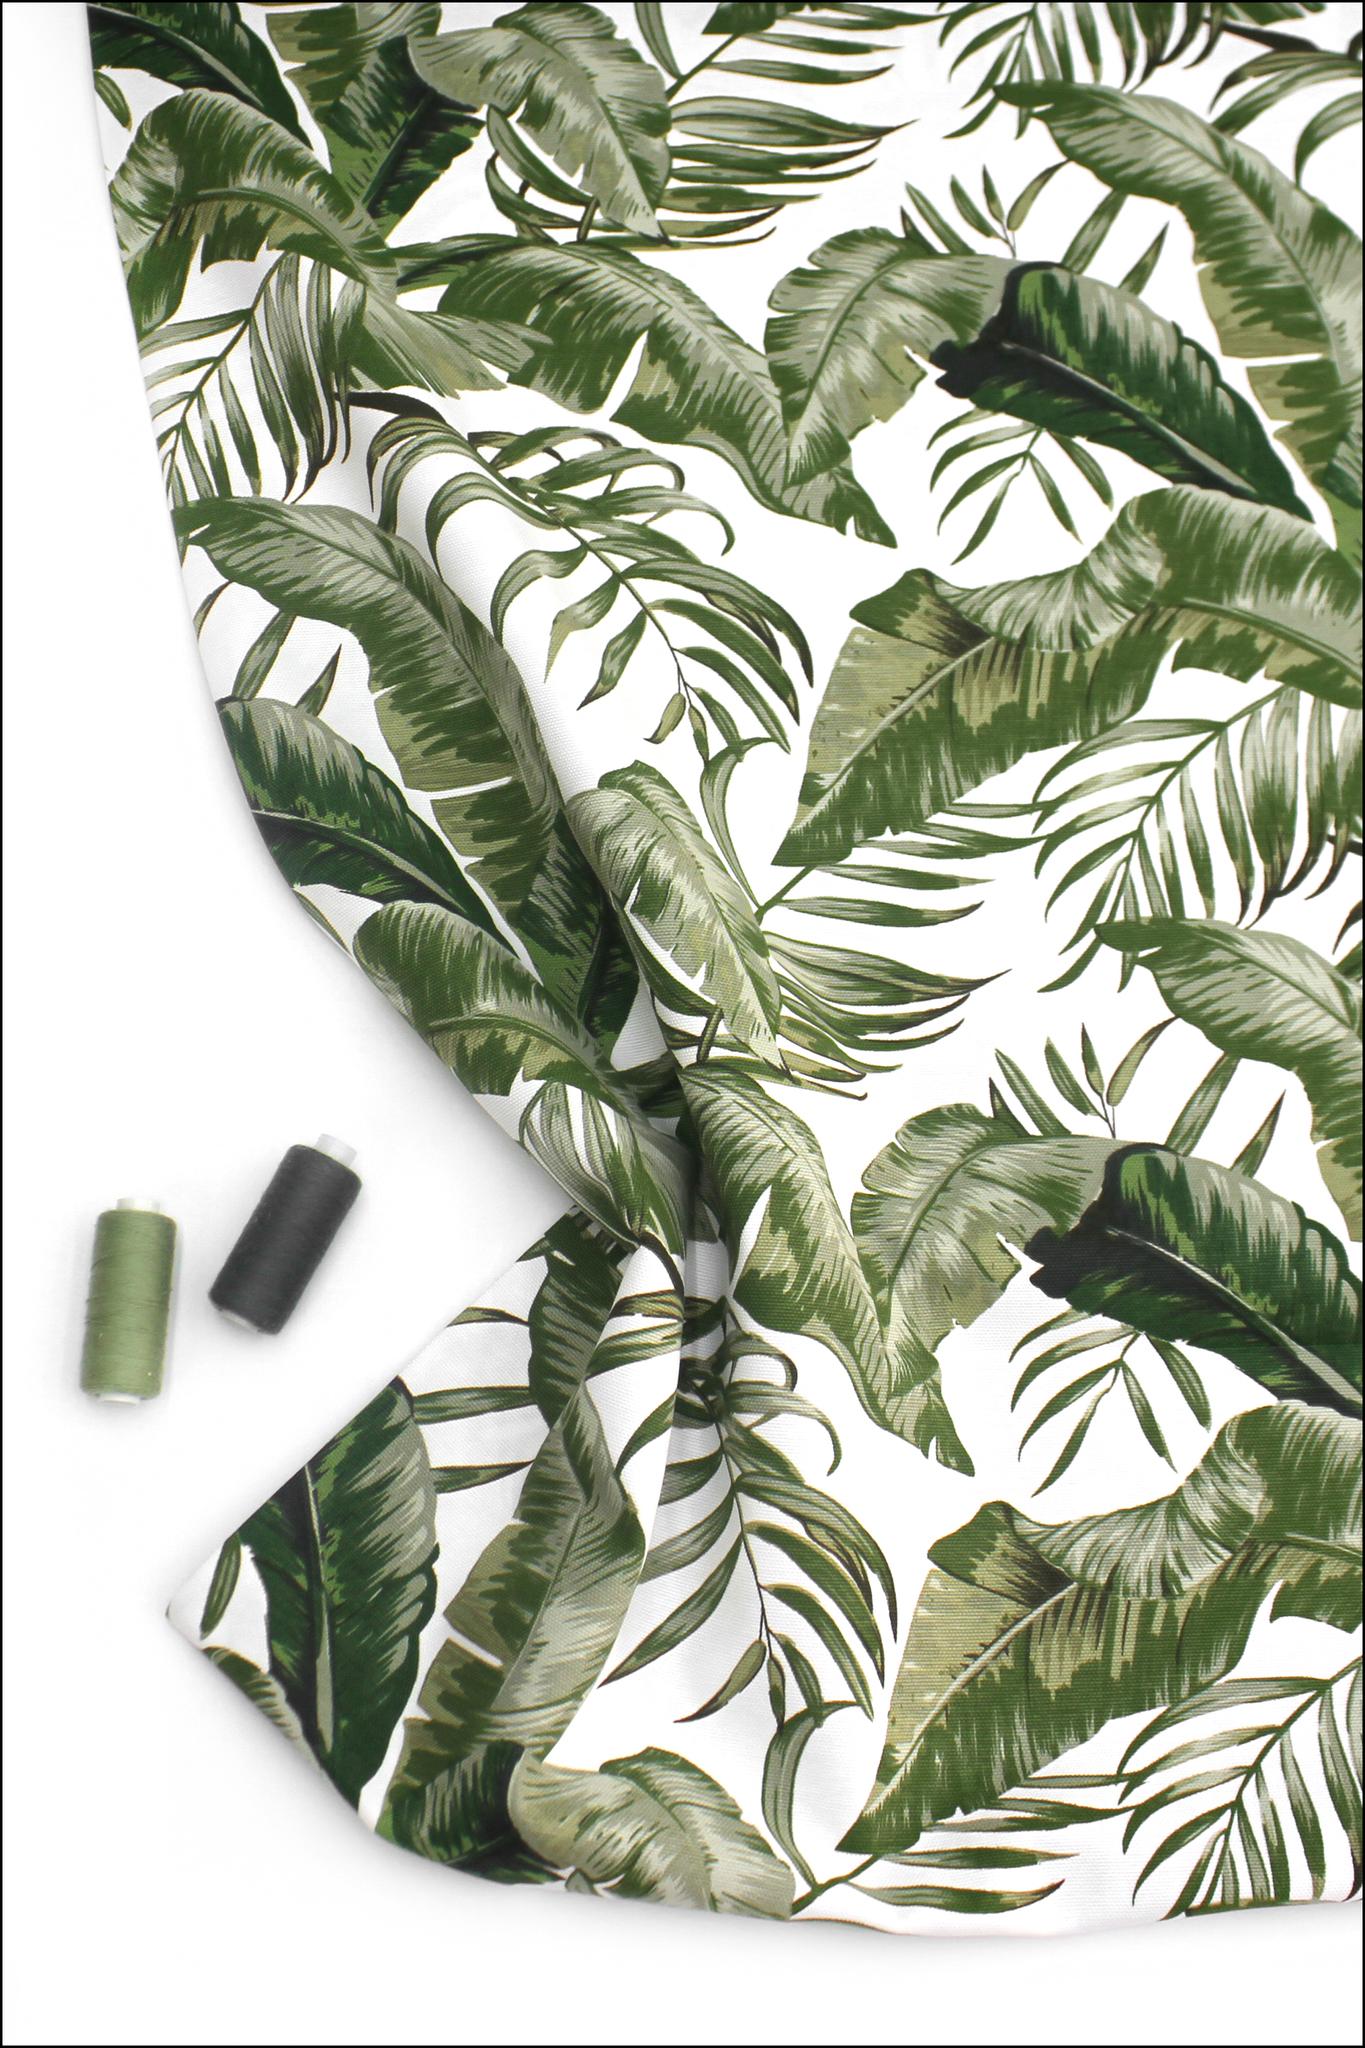 Банановые листья, интерьерная ткань с тефлоновым покрытием,180 см(Duck,Турция)